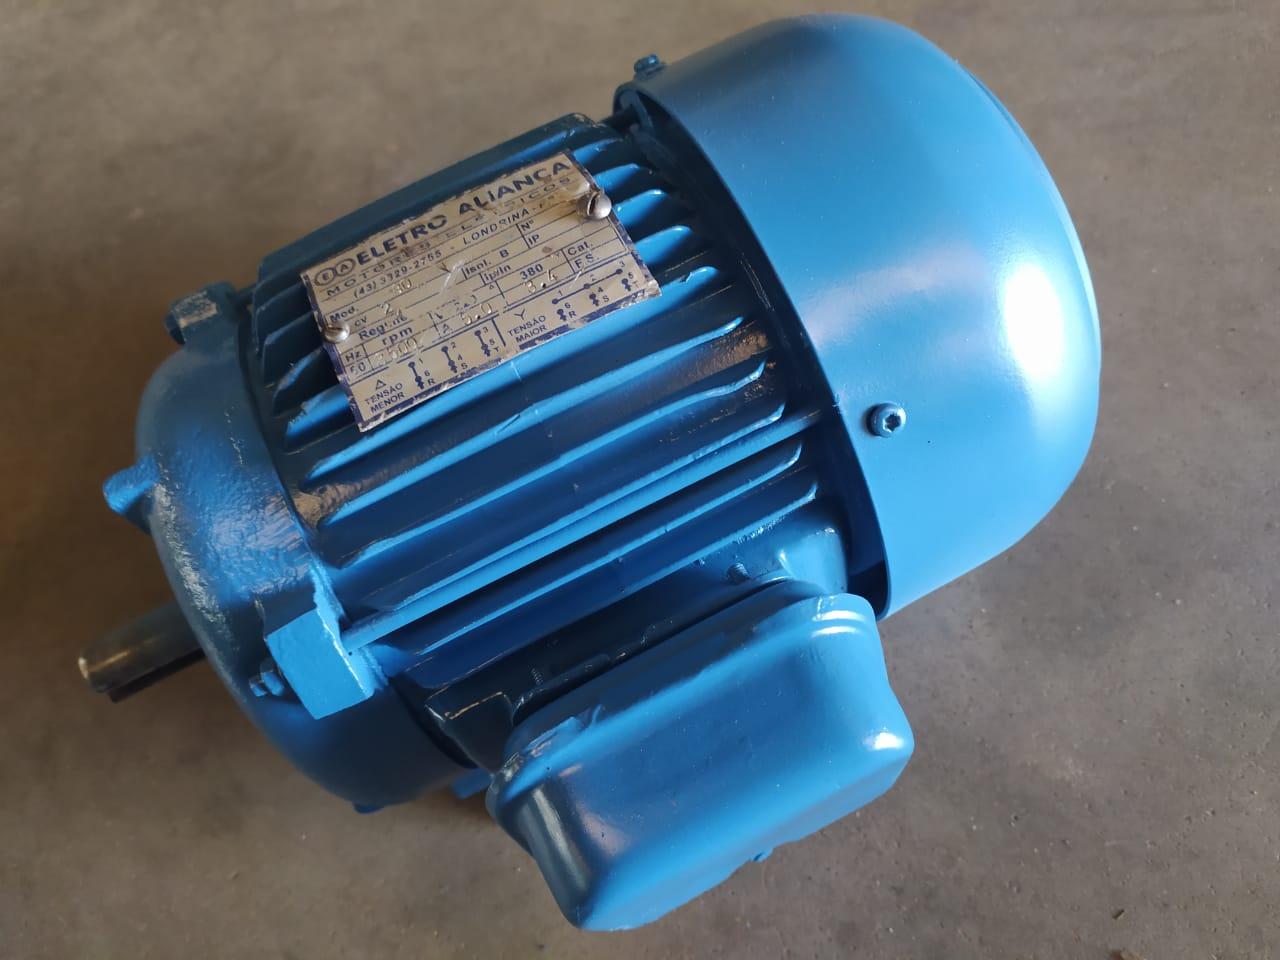 Motor Elétrico Eberle 2cv Cavalos 2 Polos 3500 Rpm Usado Voltagem 220/380 Trifásico IP55 Blindado